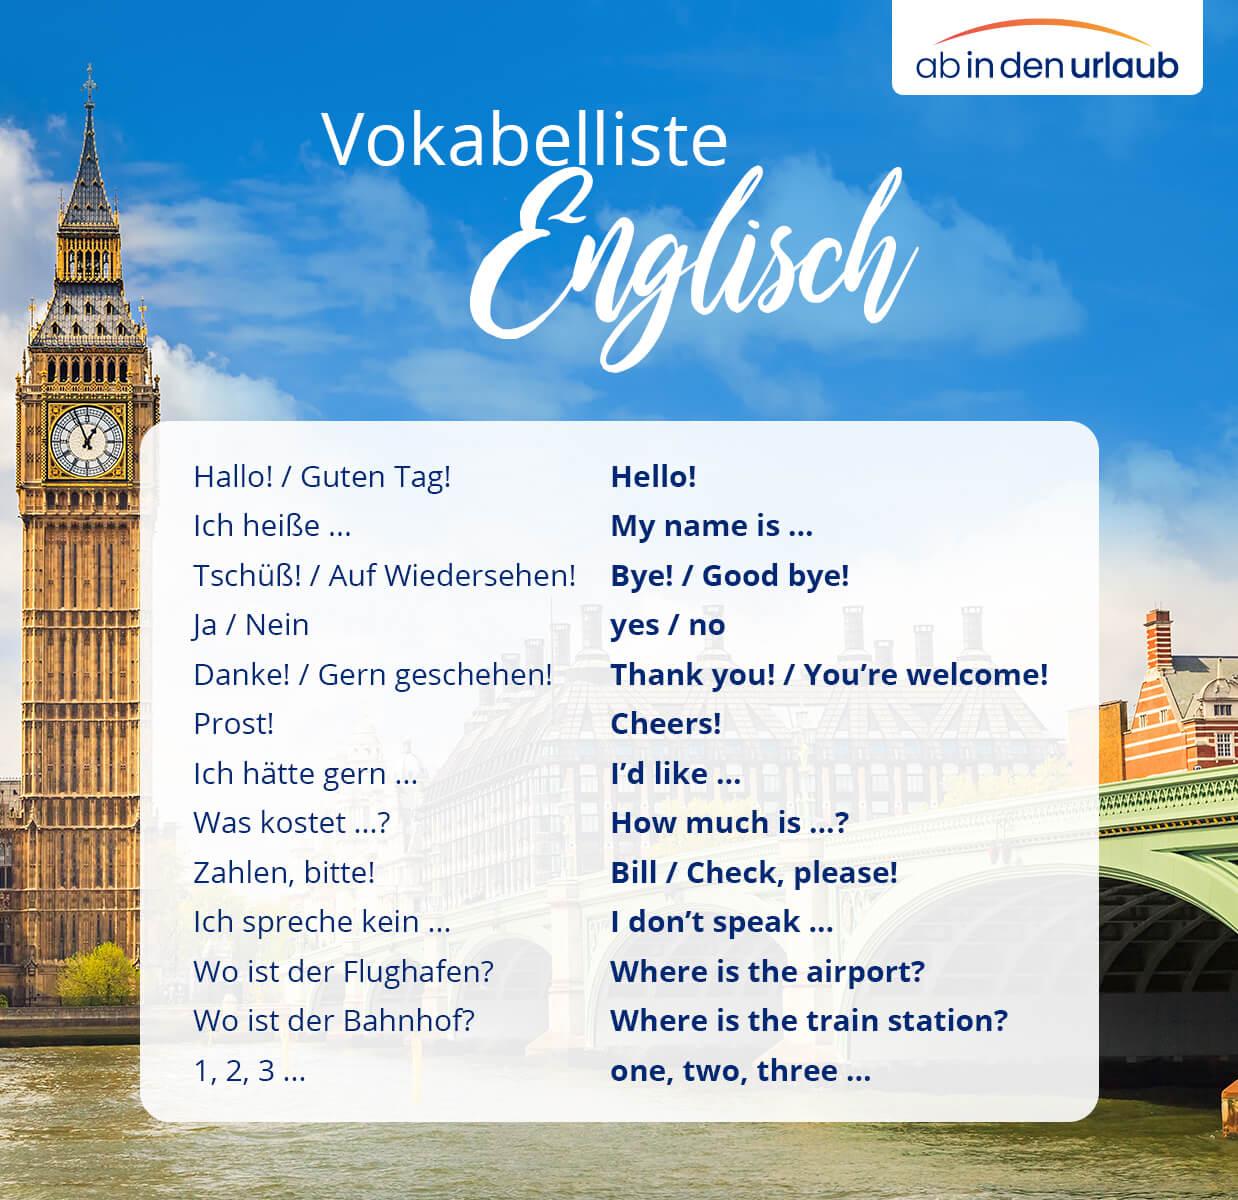 Vokabelliste Englisch für den Urlaub